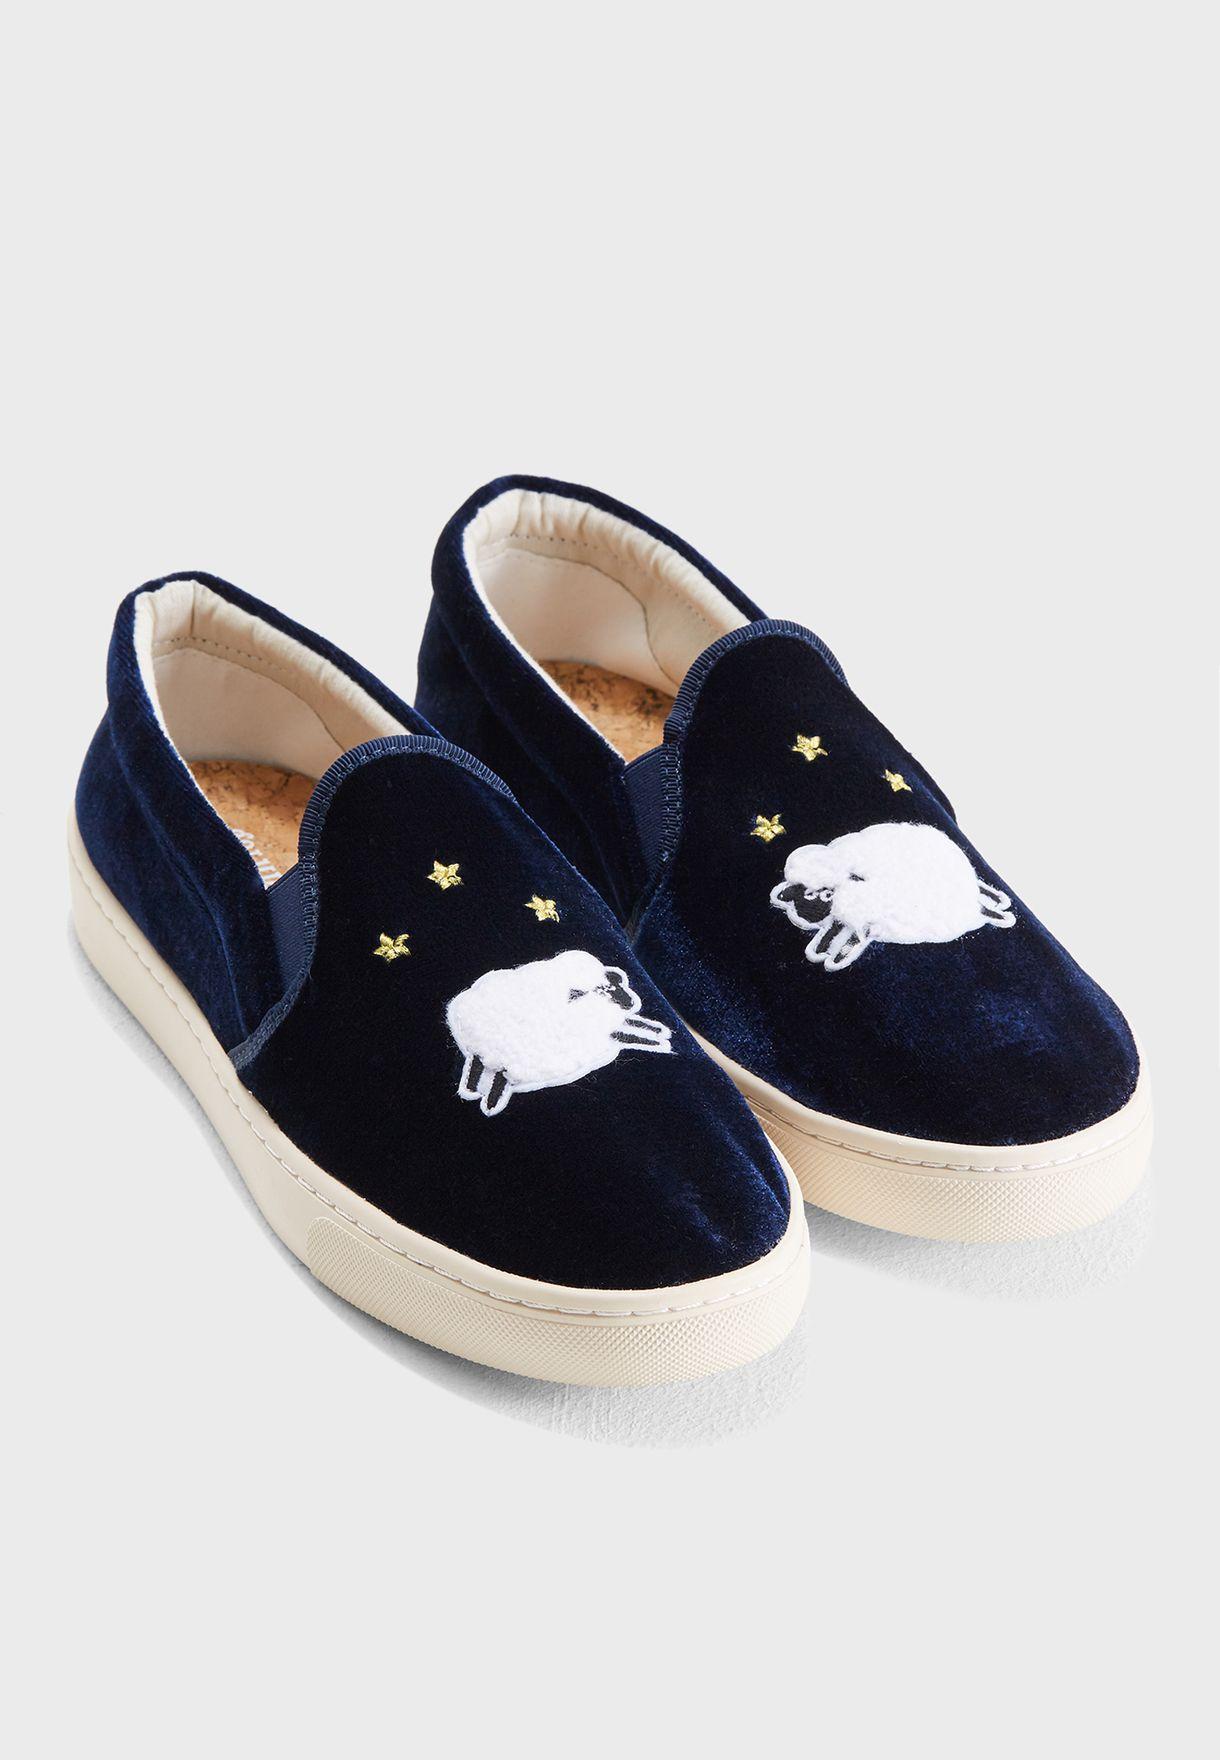 حذاء مخملي سهل الارتداء